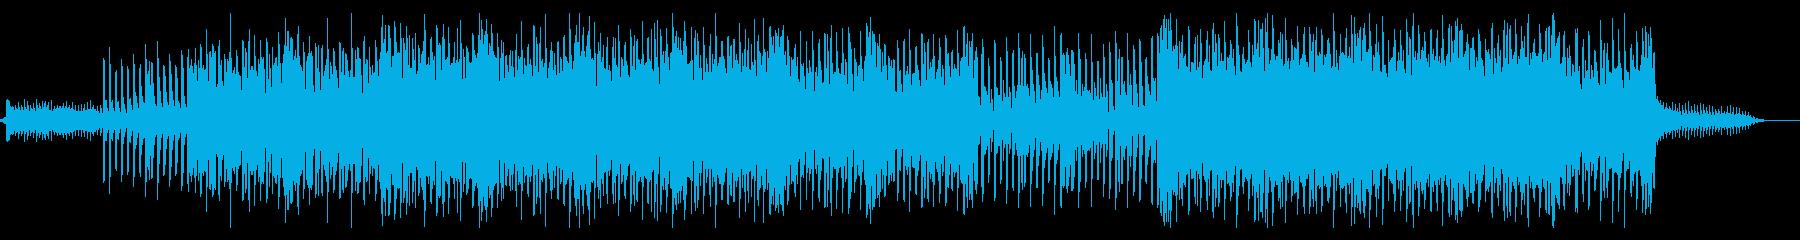 16ビートのシンセリードがリフのBGMの再生済みの波形